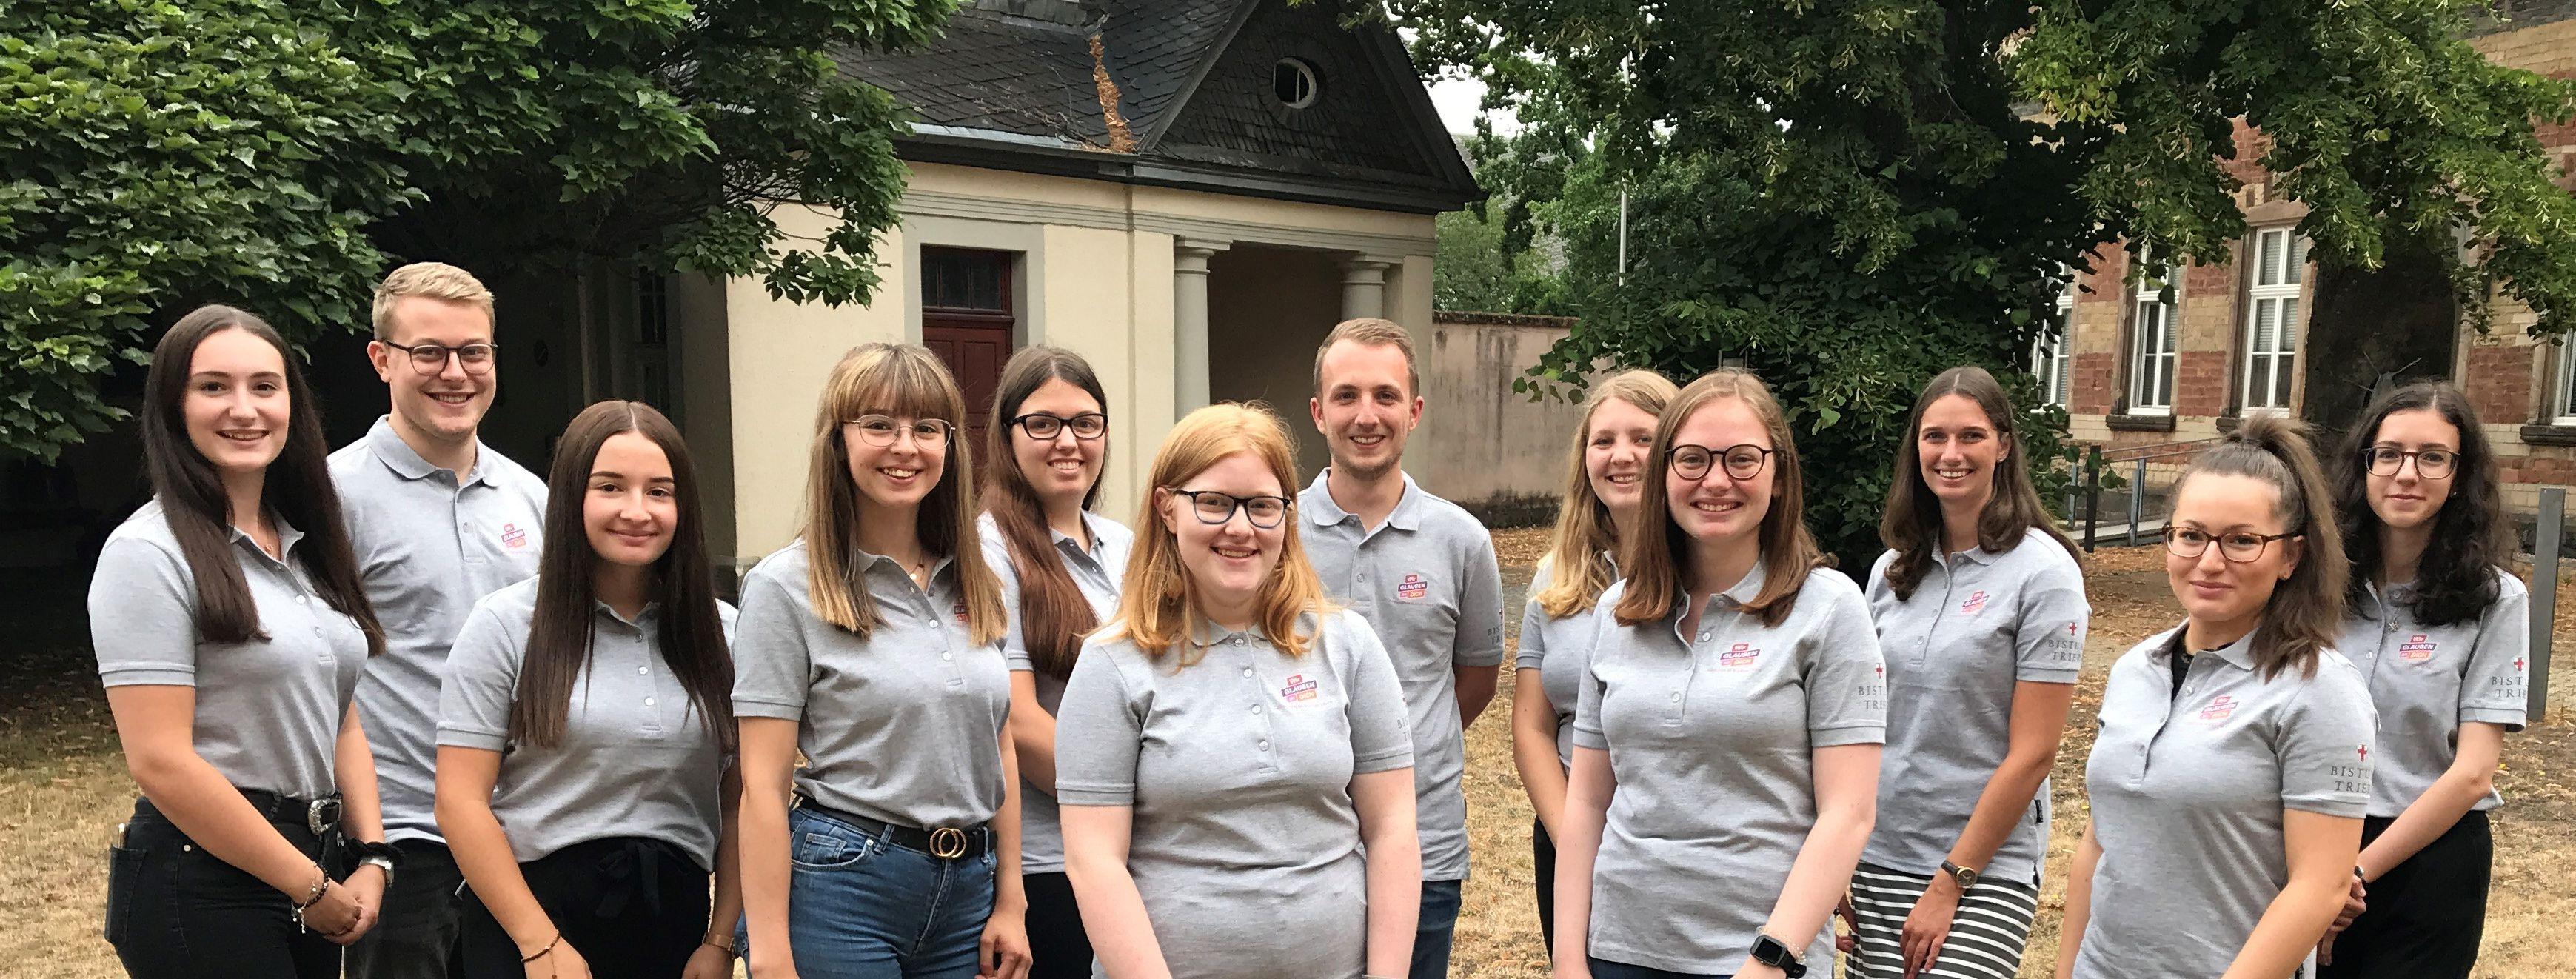 12 Mädchen und Jungen stehen im Garten des BIschöflichen Generalvikariats als Gruppe zusammen und lächeln in die Kamera.